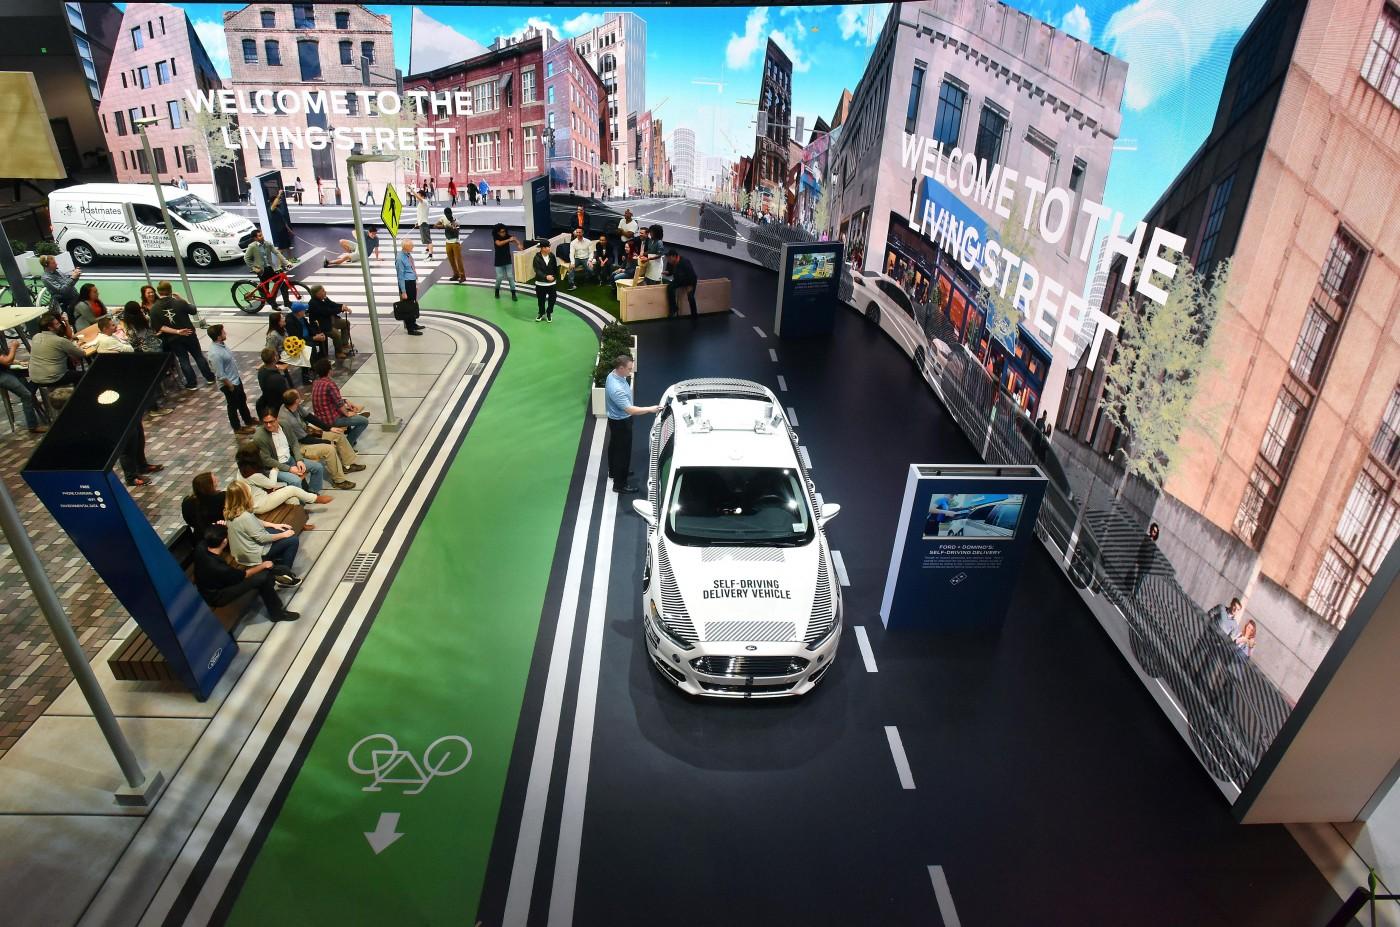 【CES 2018】不停揪企業組自駕車隊,福特這次瞄準「快遞服務」找新出路